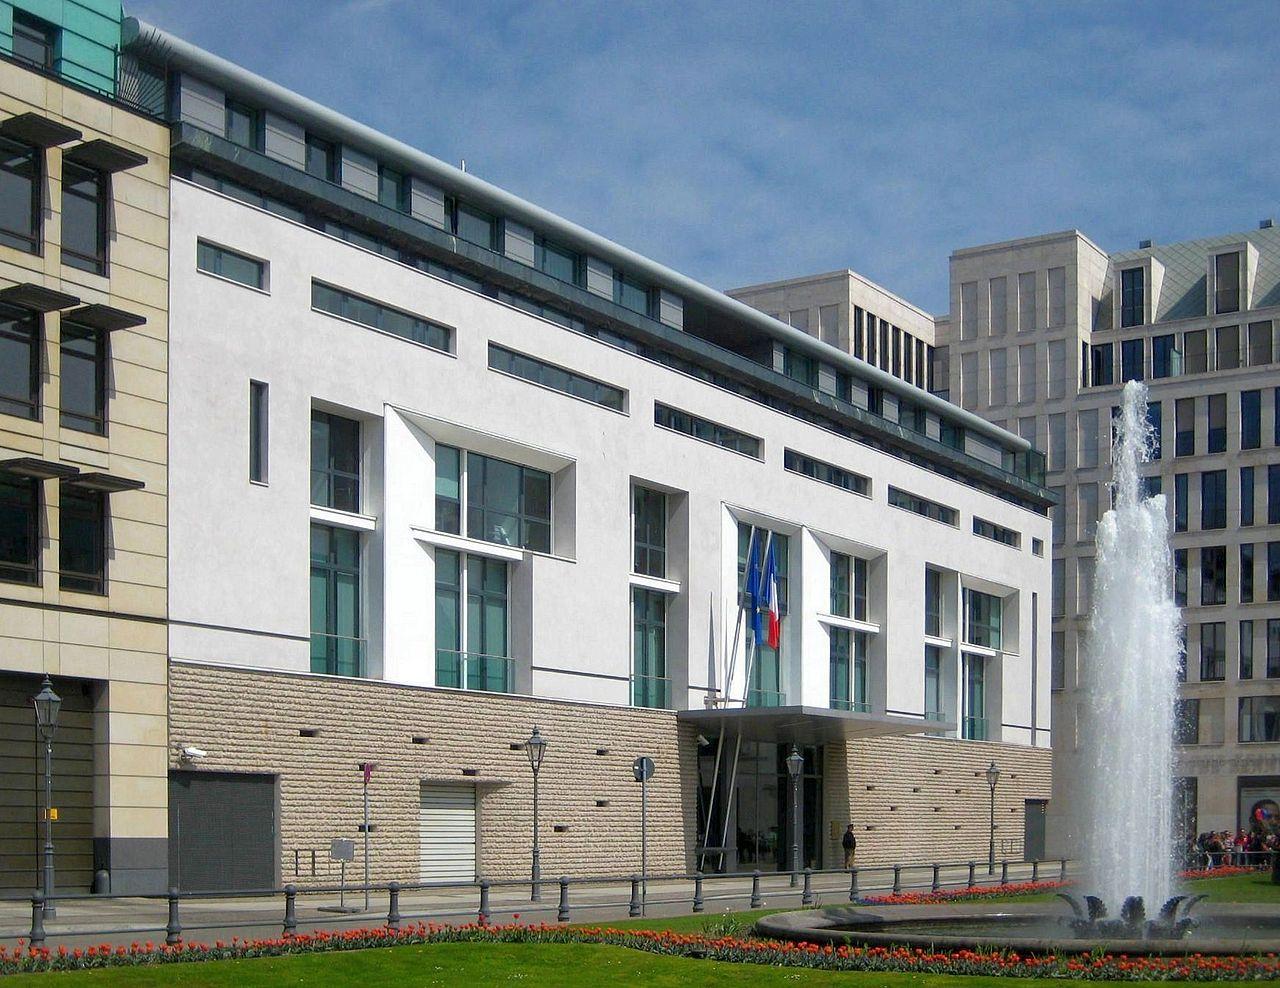 1280px-Berlin,_Mitte,_Pariser_Platz,_Botschaft_Frankreich.jpg